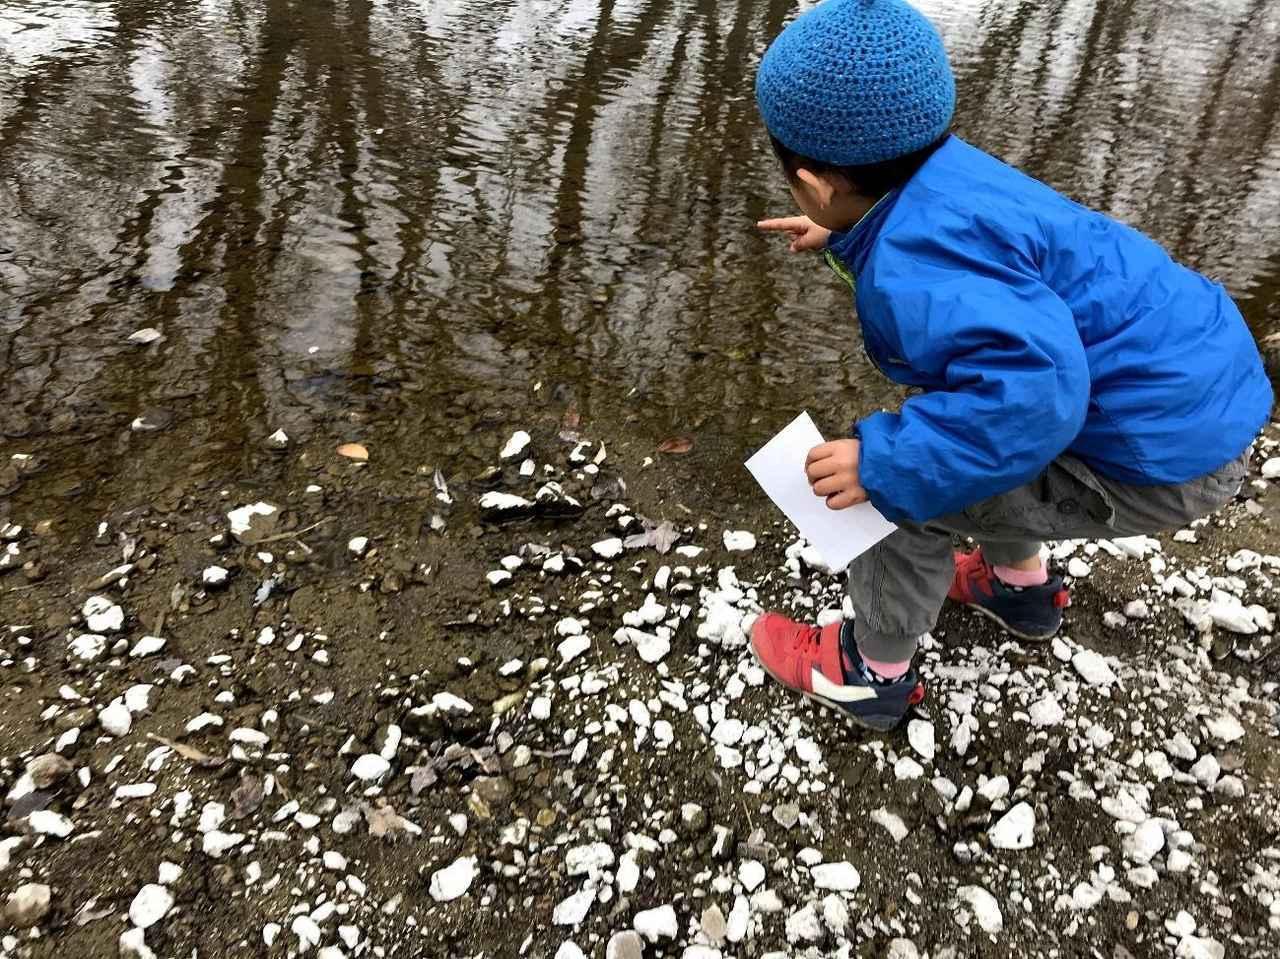 画像: 冷たい水を探している様子 (筆者撮影)